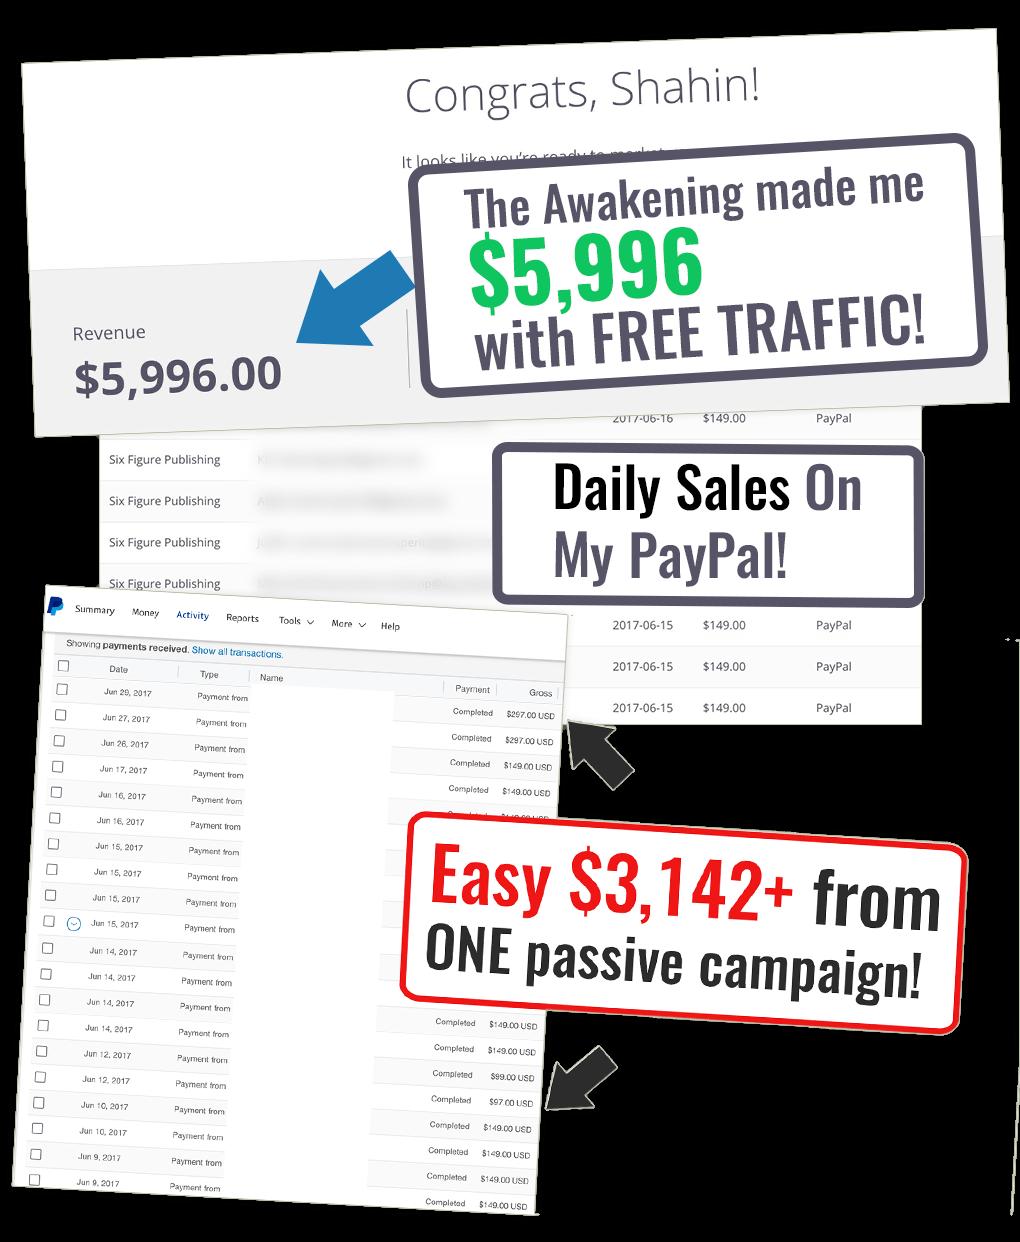 使用100%的免费流量如何开始用一个小小的电子邮件列表来赚钱(The Awakening )